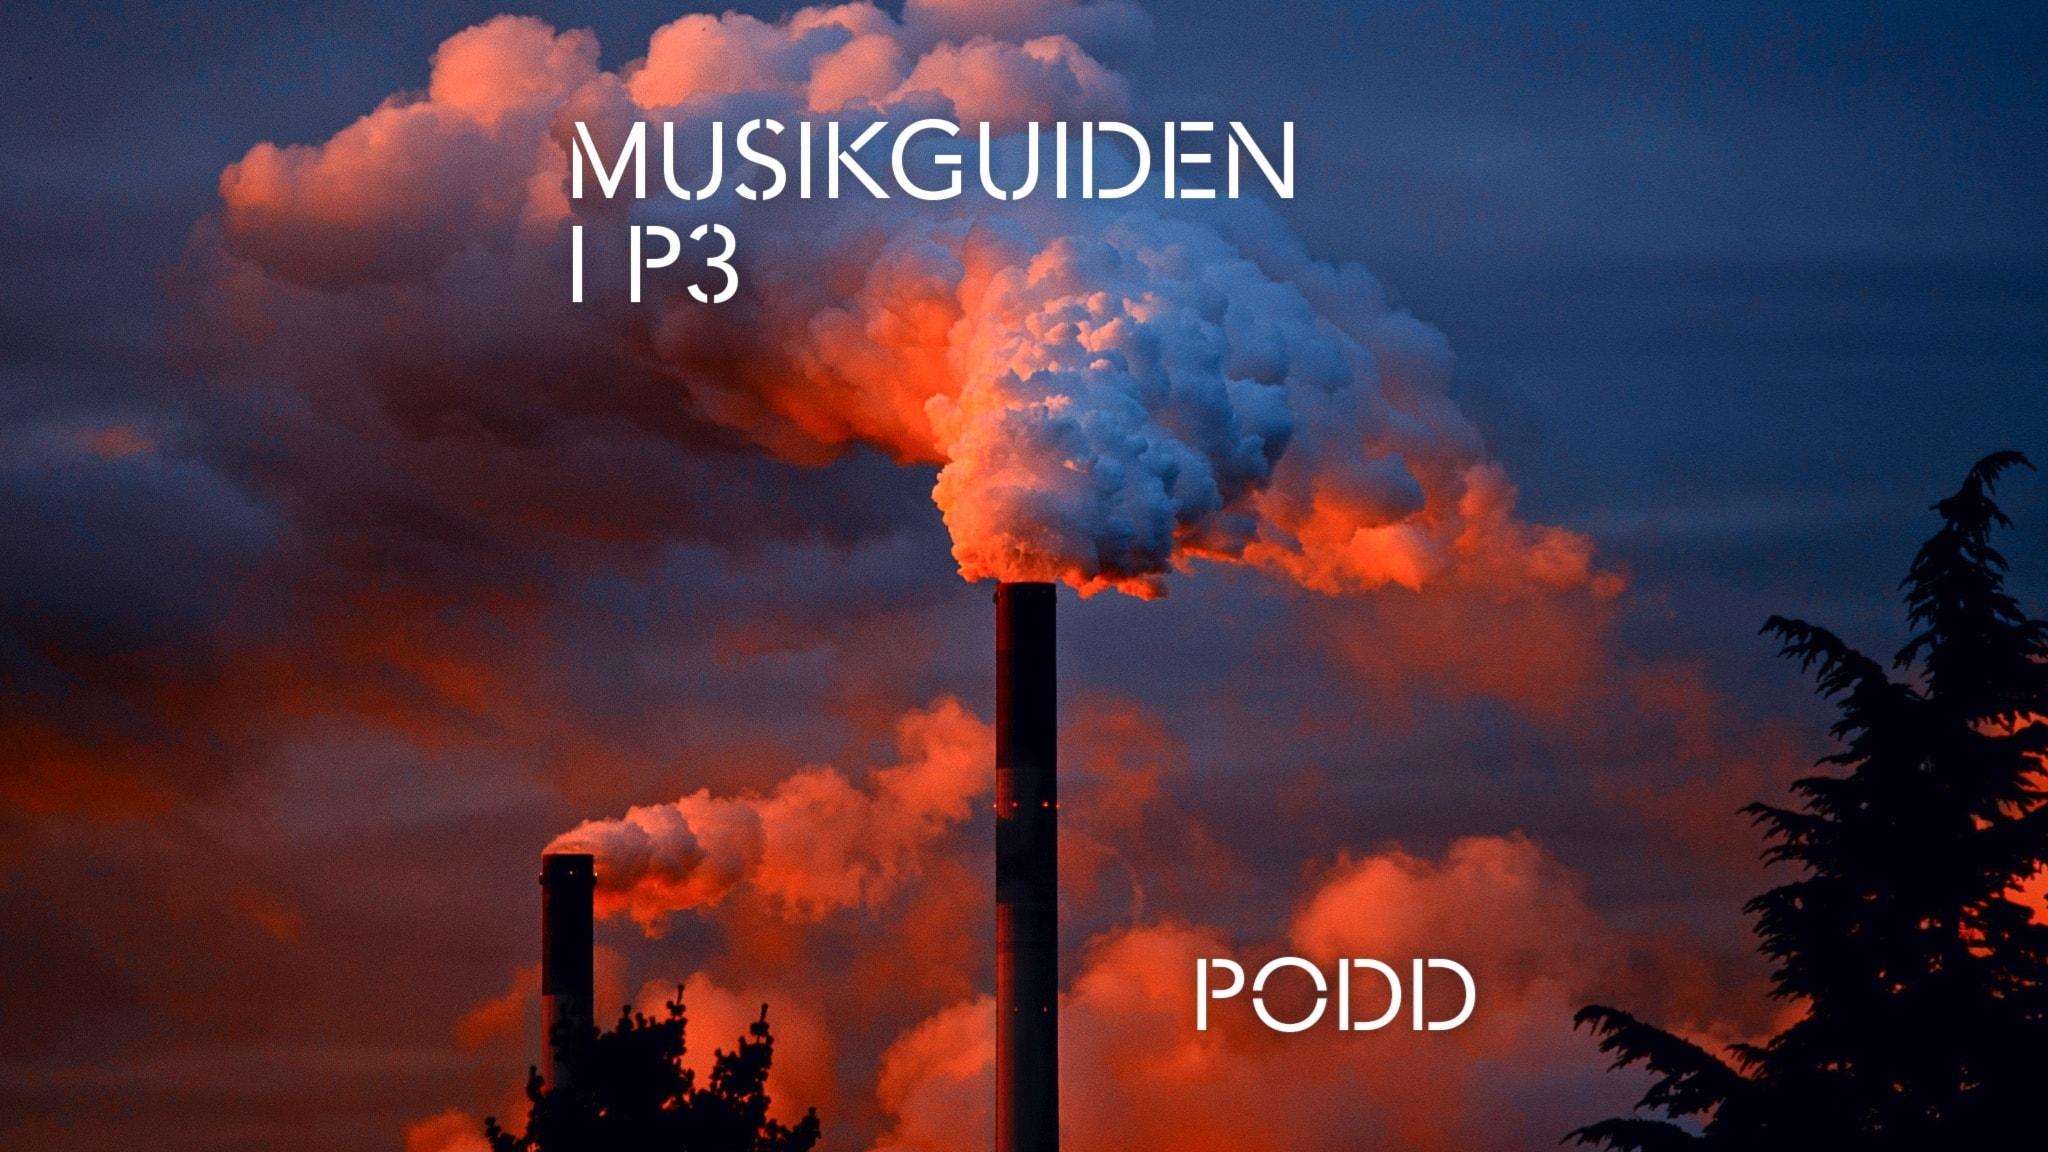 Musikguiden i P3s podd om miljö och festival